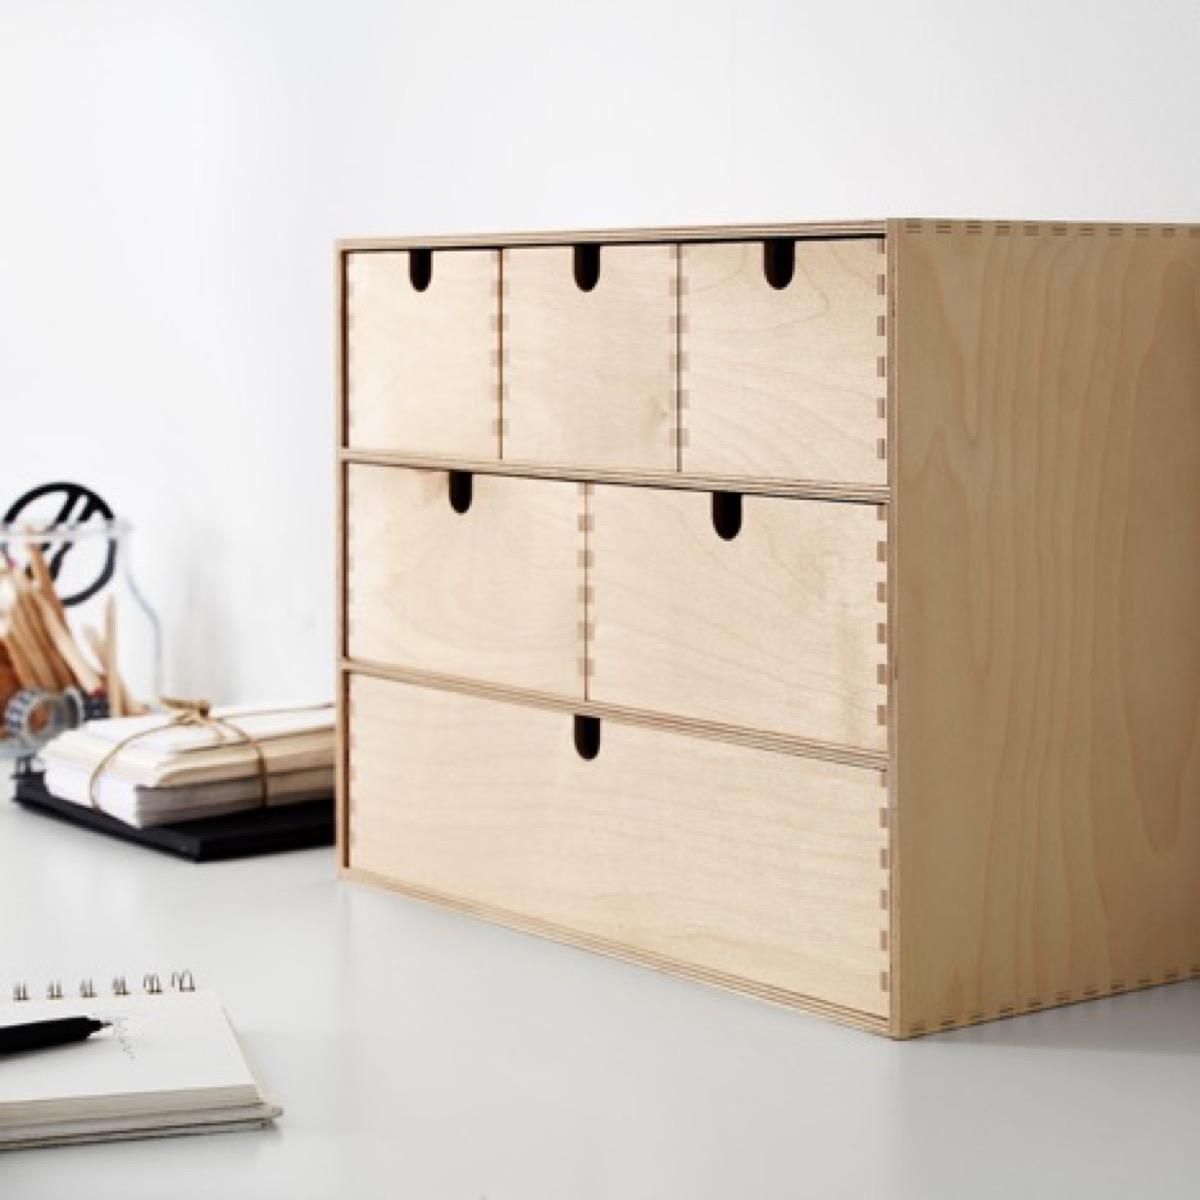 Desk top storage organizer